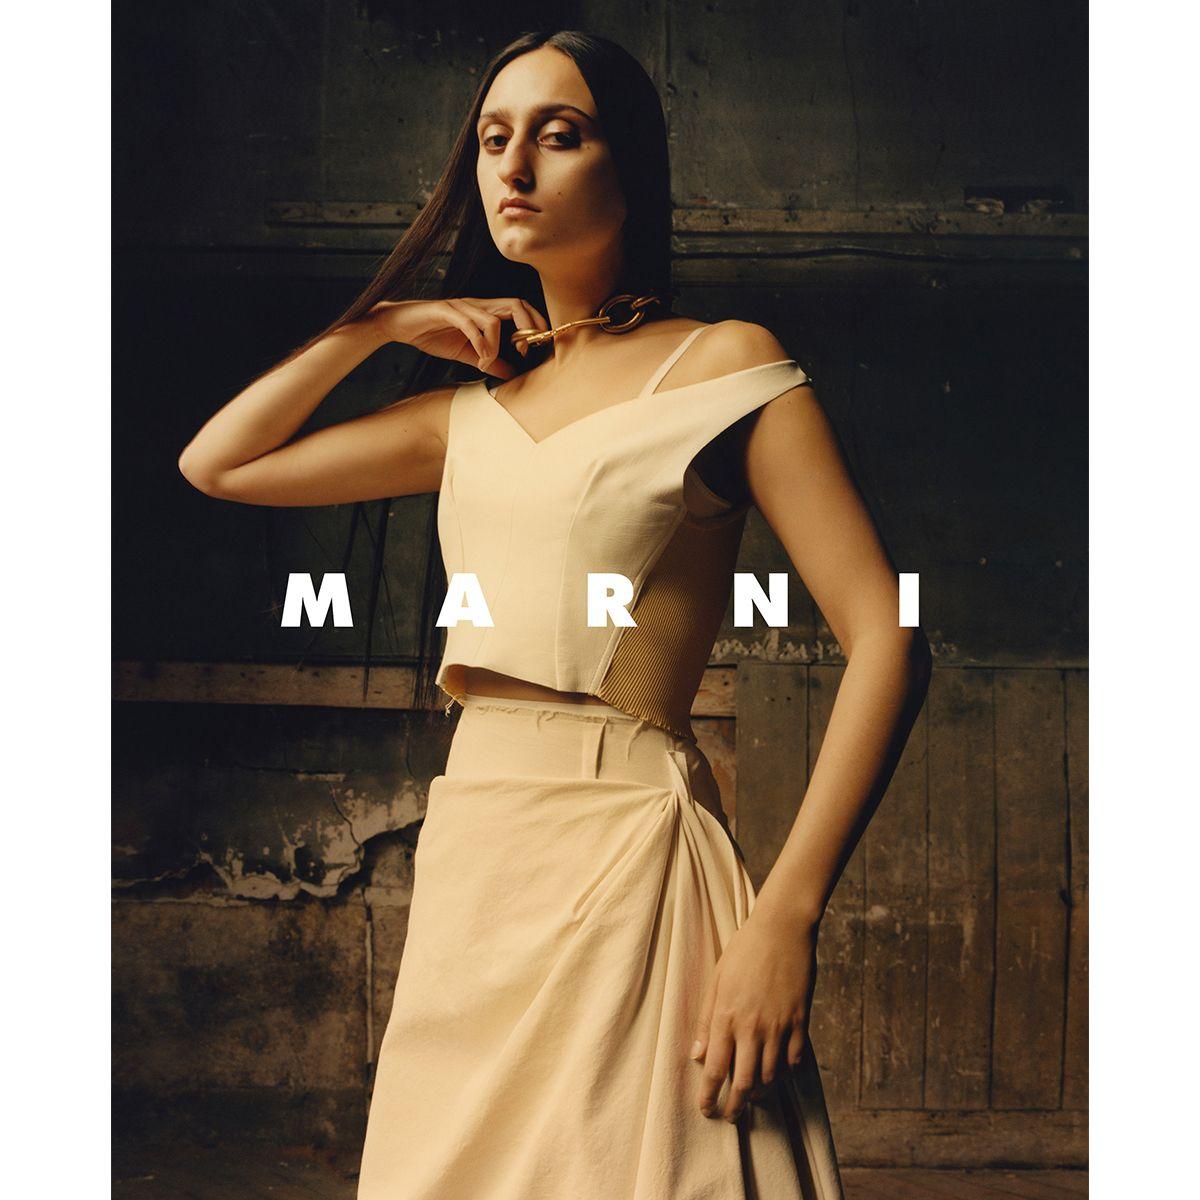 Marni SS19 - Campaign